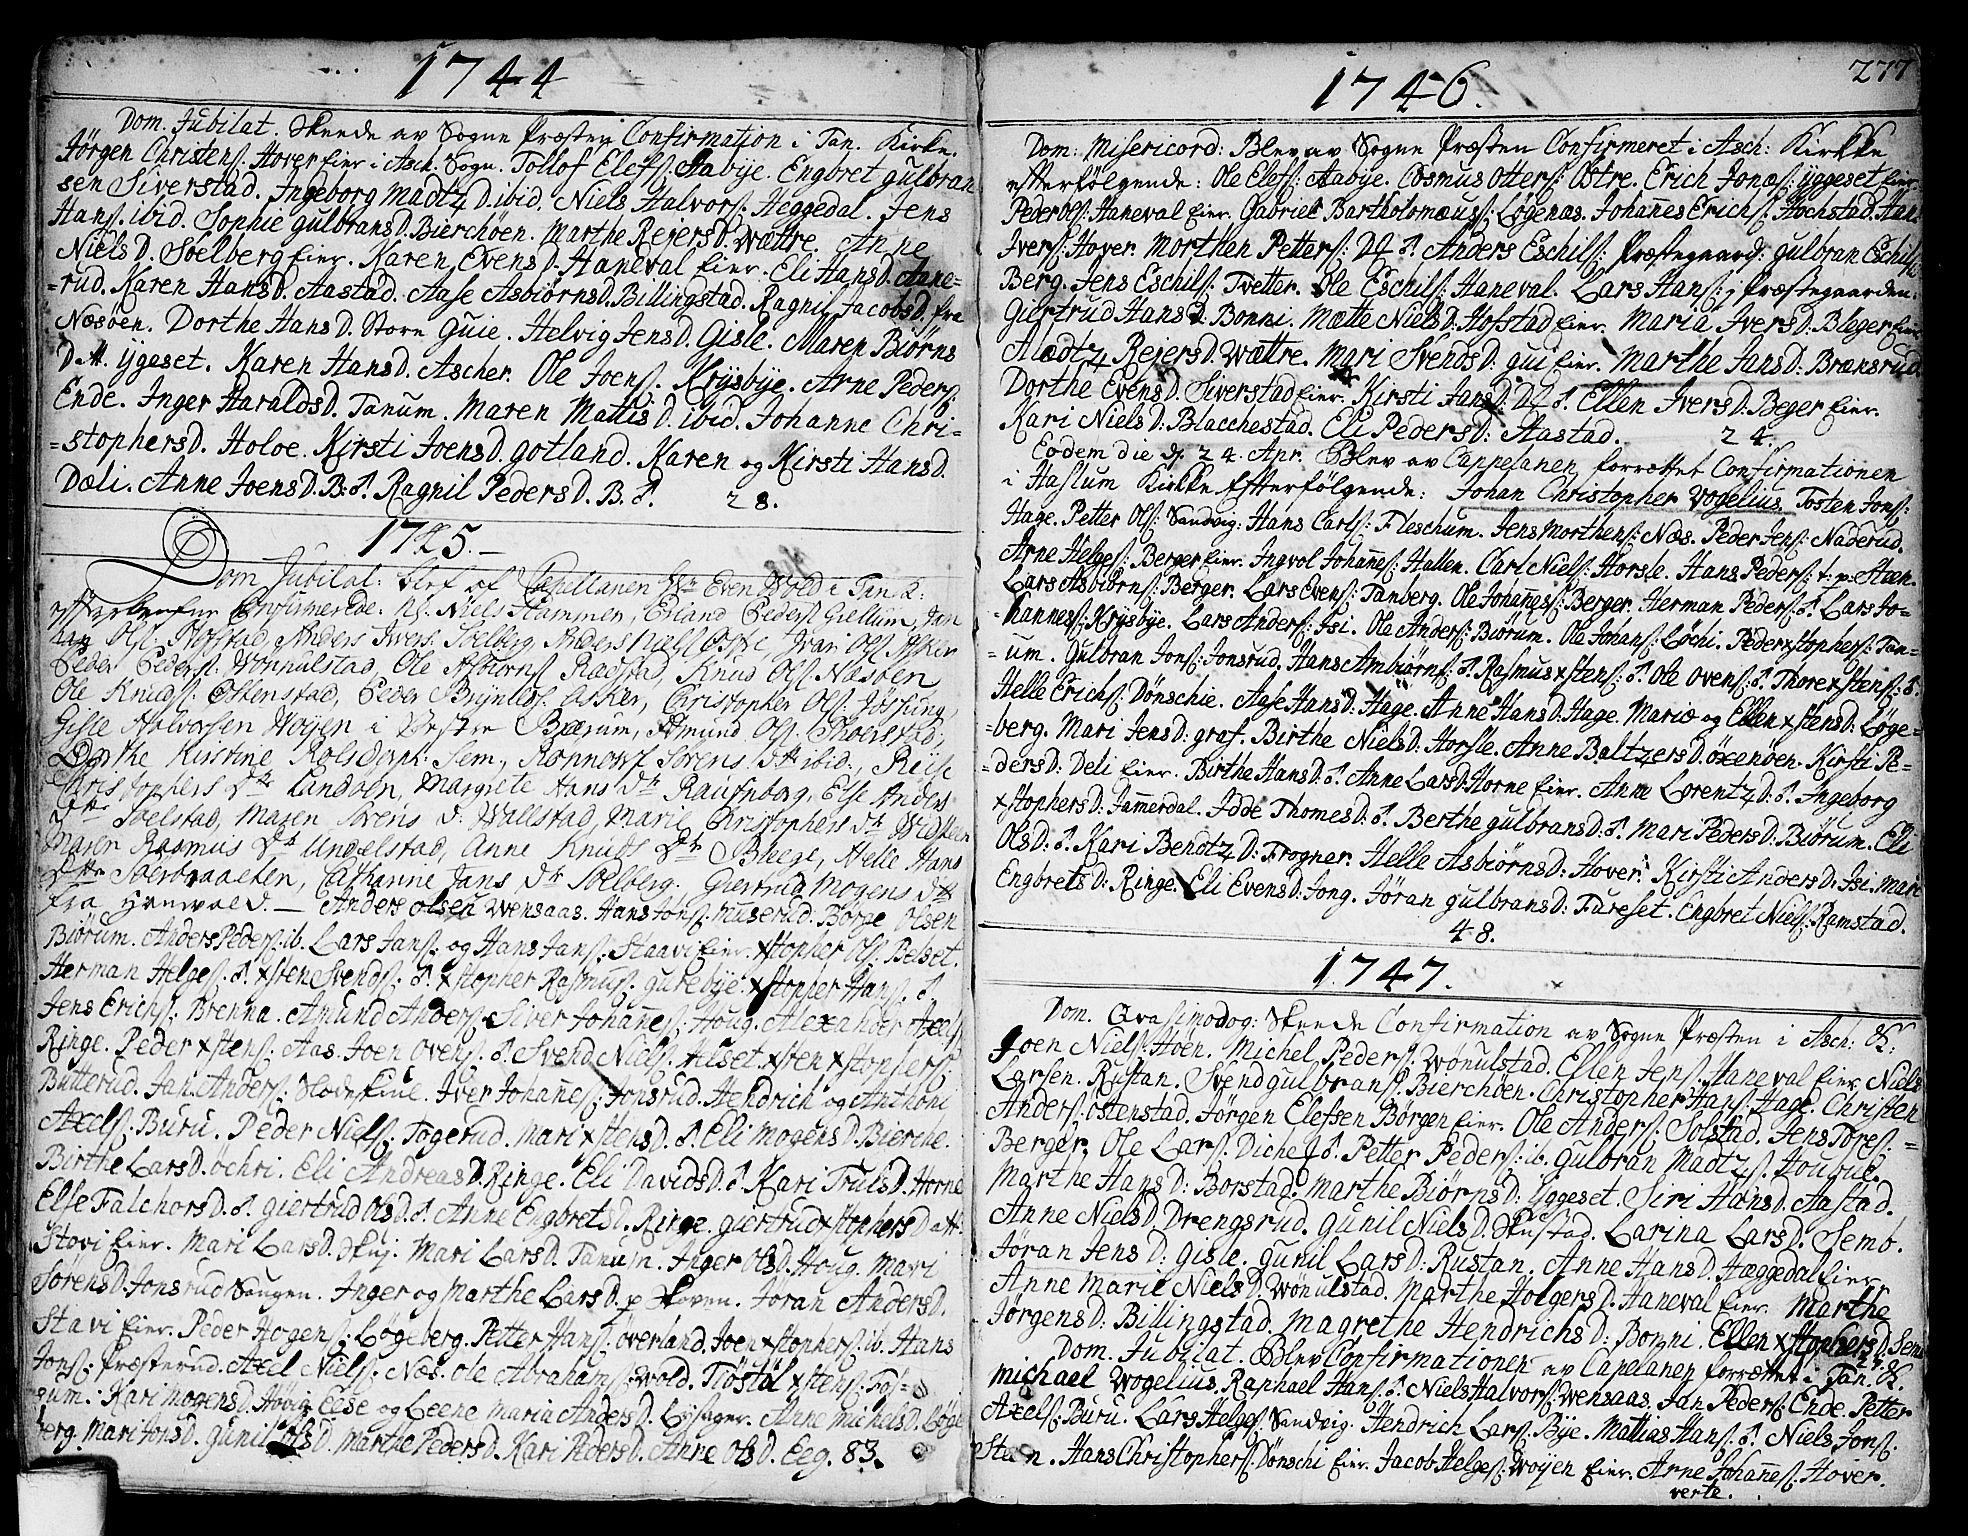 SAO, Asker prestekontor Kirkebøker, F/Fa/L0002: Ministerialbok nr. I 2, 1733-1766, s. 277